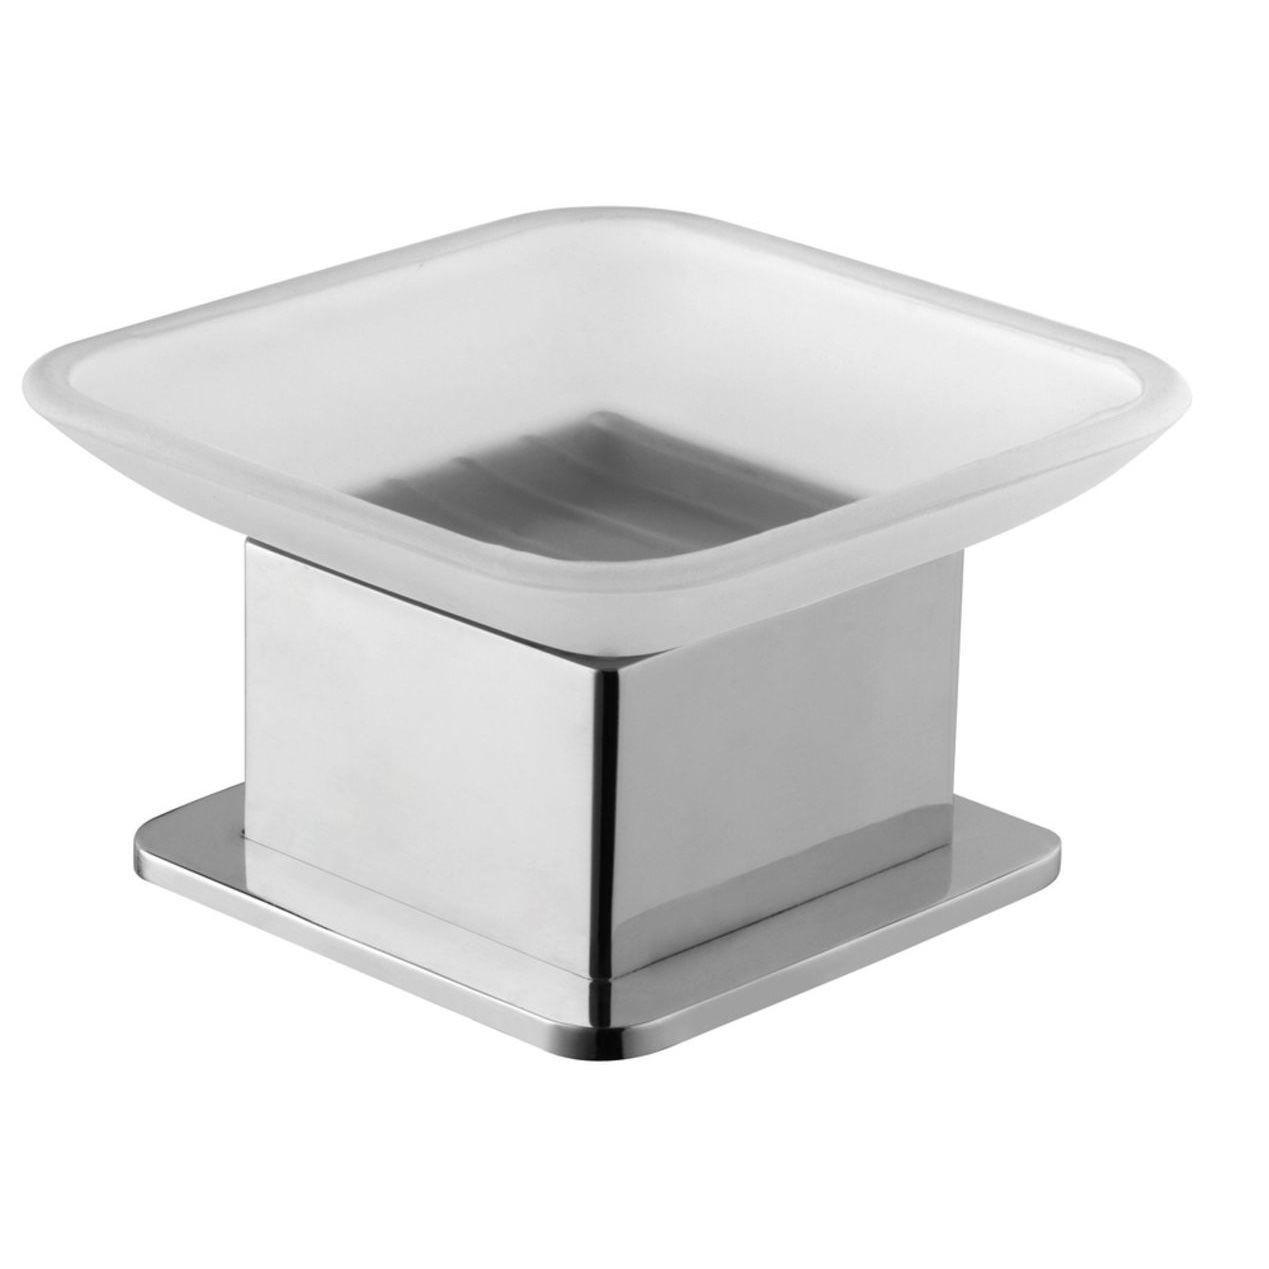 Eris vrijstaande zeepschaal chroom kopen - Tegel Depot sanitair met korting